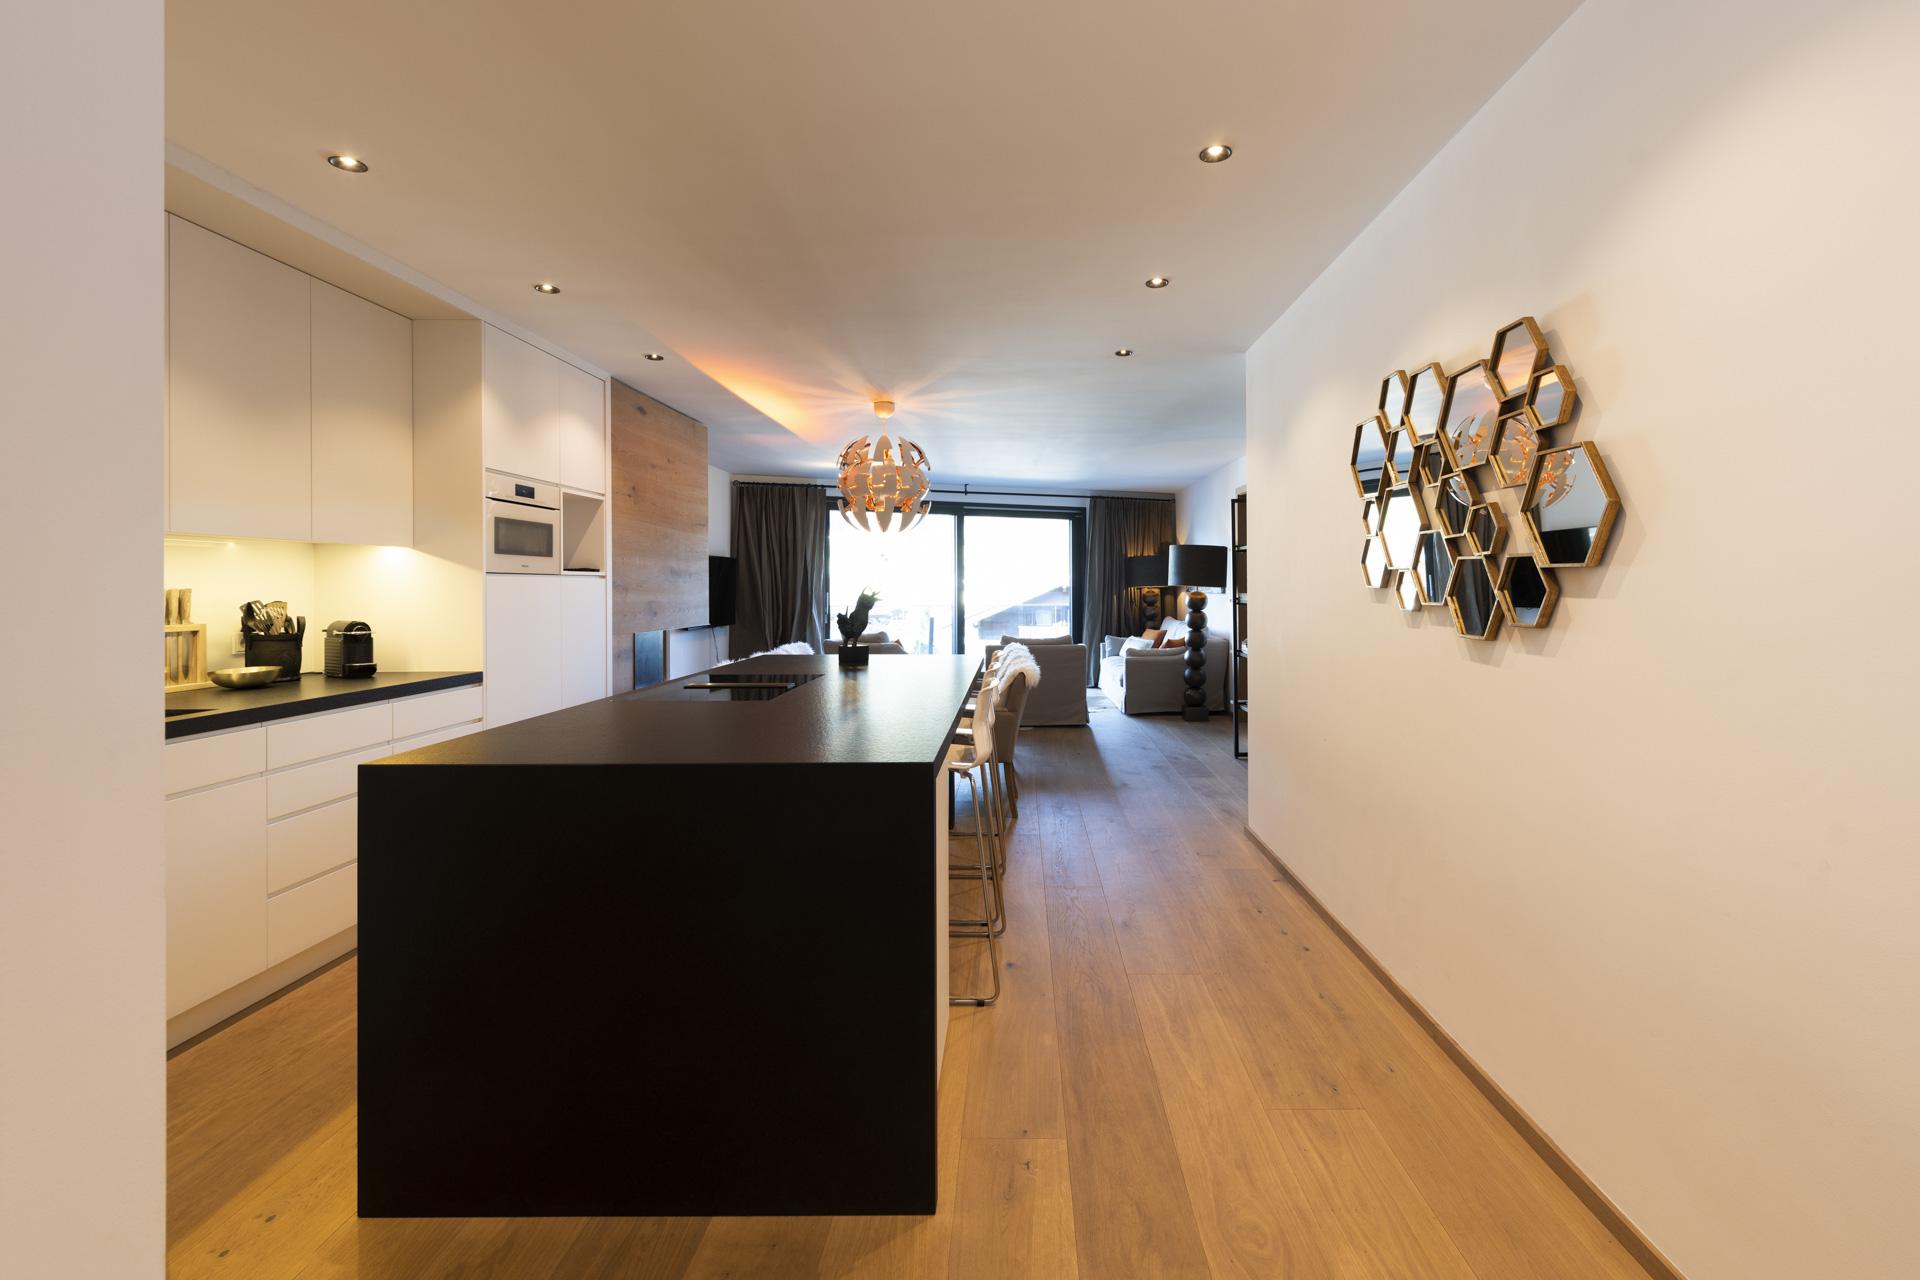 Tischlerei-Decker-Projekte-Wohnung-D-Wohnkueche